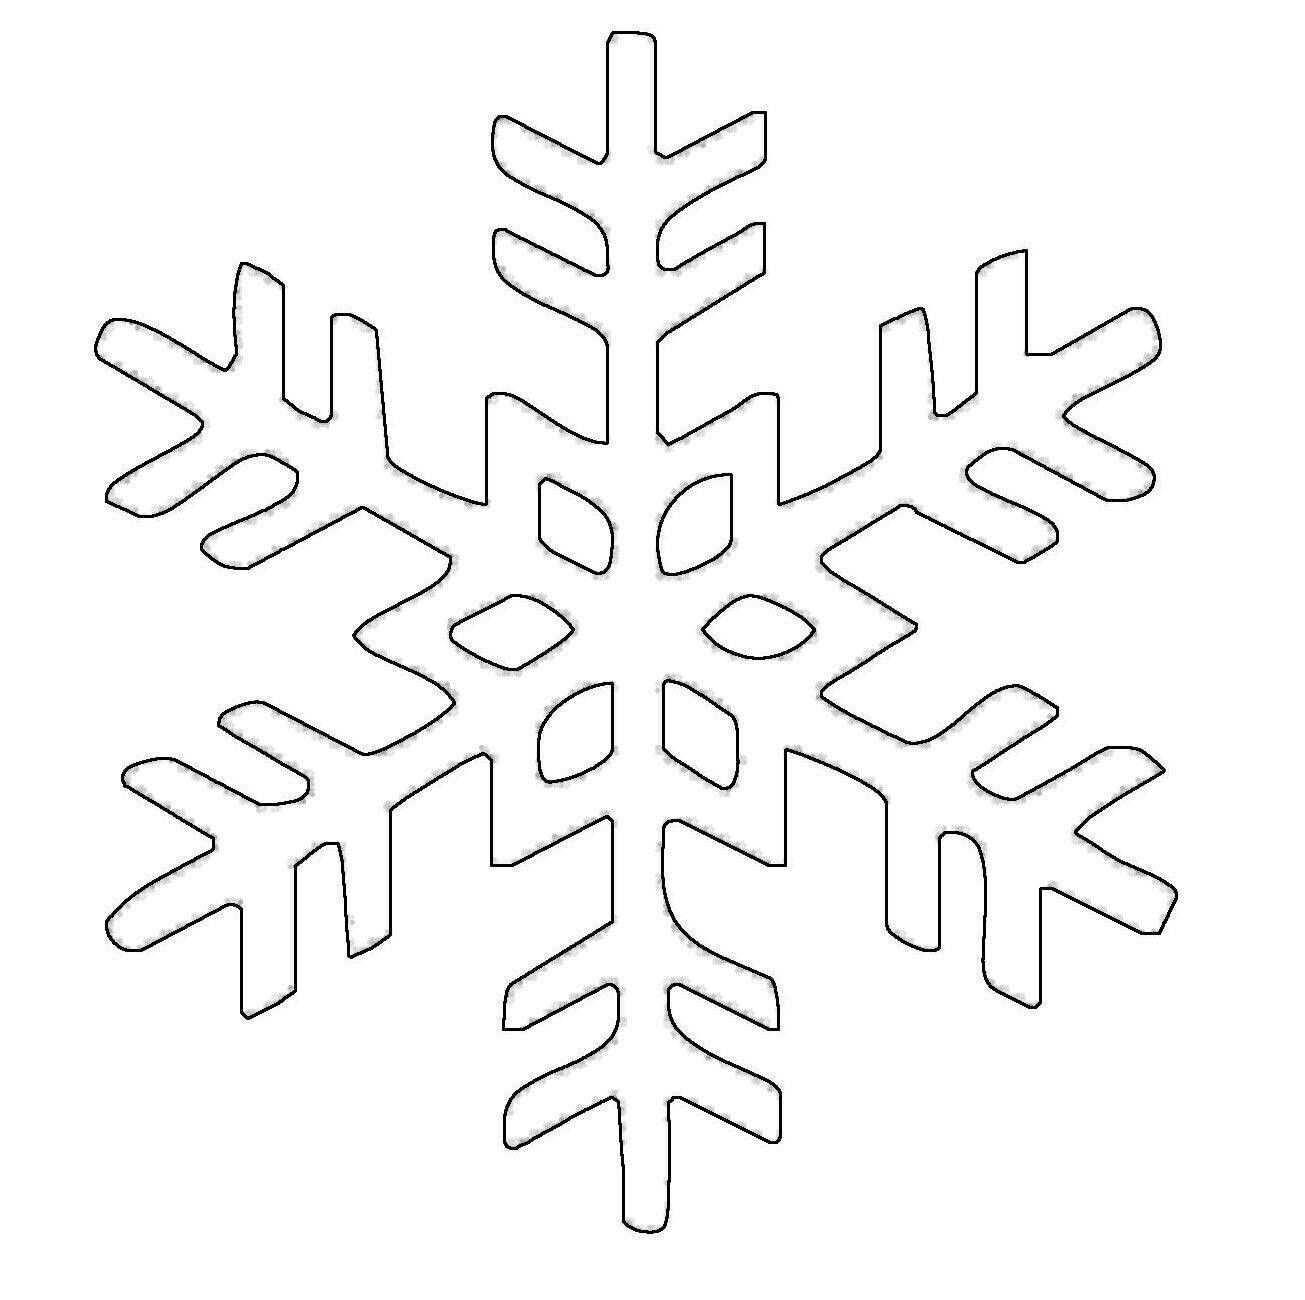 Die Besten Ideen Fur Malvorlagen Schneeflocken Mit Bildern Schneeflocken Basteln Vorlage Schneeflocke Vorlage Schneeflocken Basteln